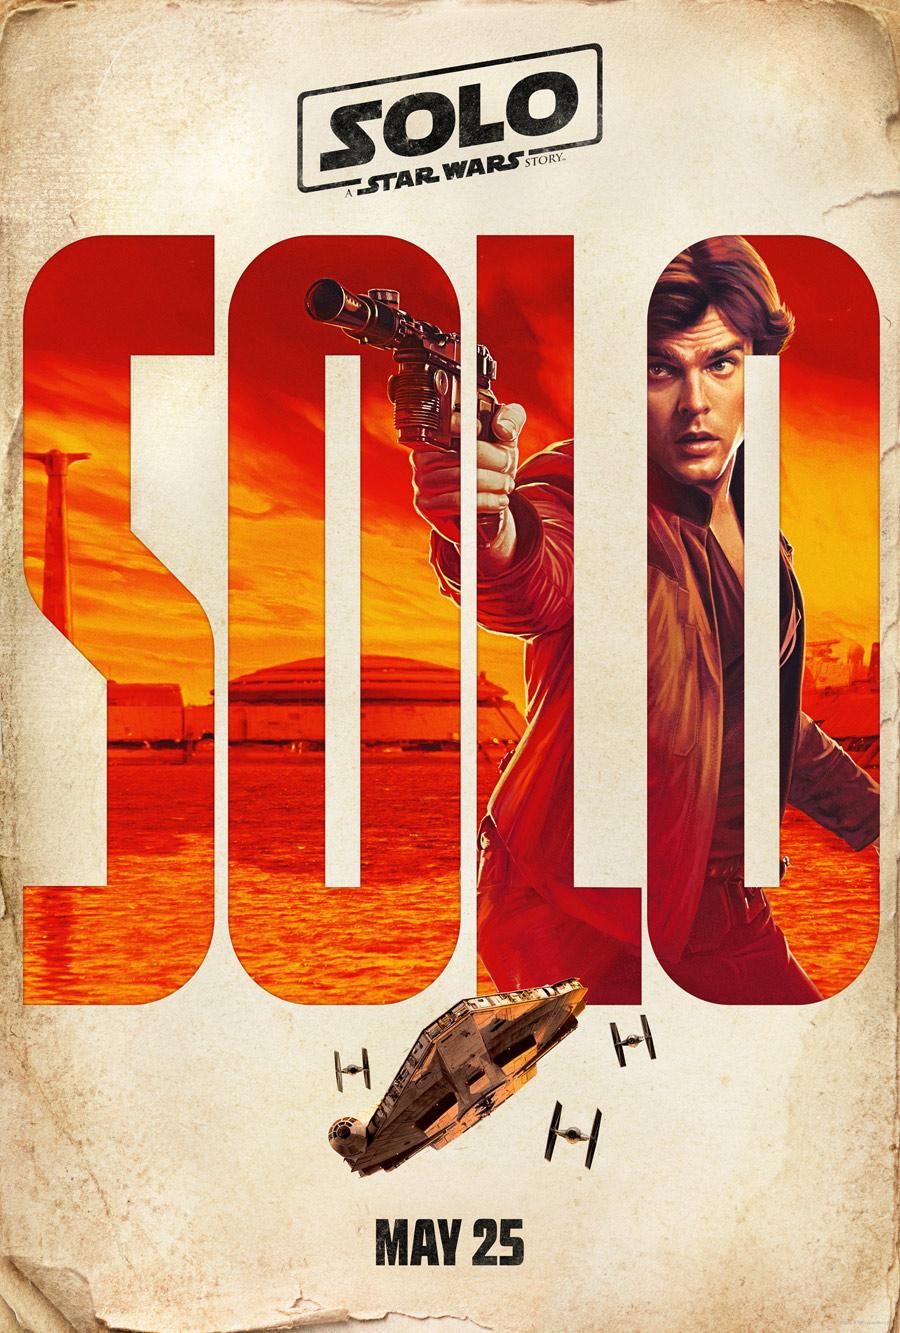 solo-teaser-poster-04.jpg